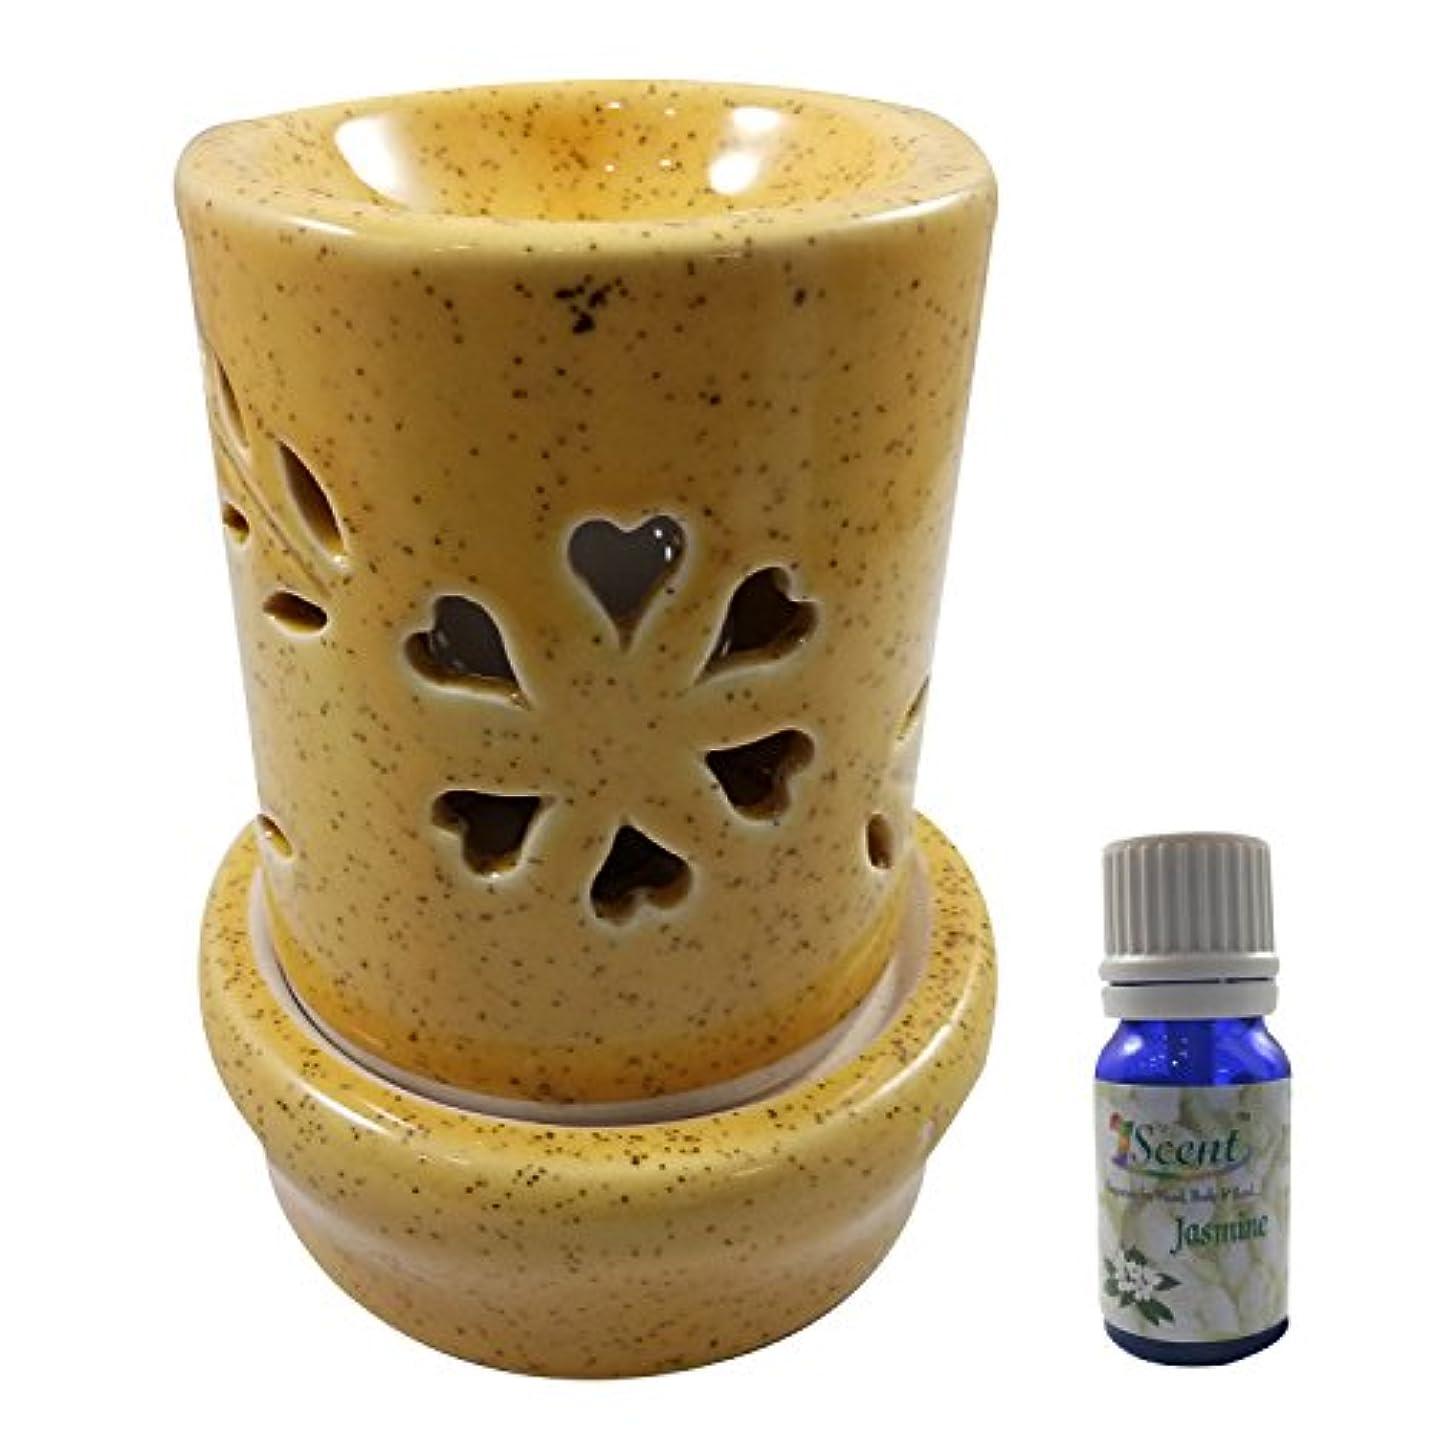 端末精算鼻ホームデコレーション定期的に使用する汚染フリーハンドメイドセラミックエスニックサンダルウッドフレグランスオイルとアロマディフューザーオイルバーナー良質ブラウン色電気アロマテラピー香油暖かい数量1